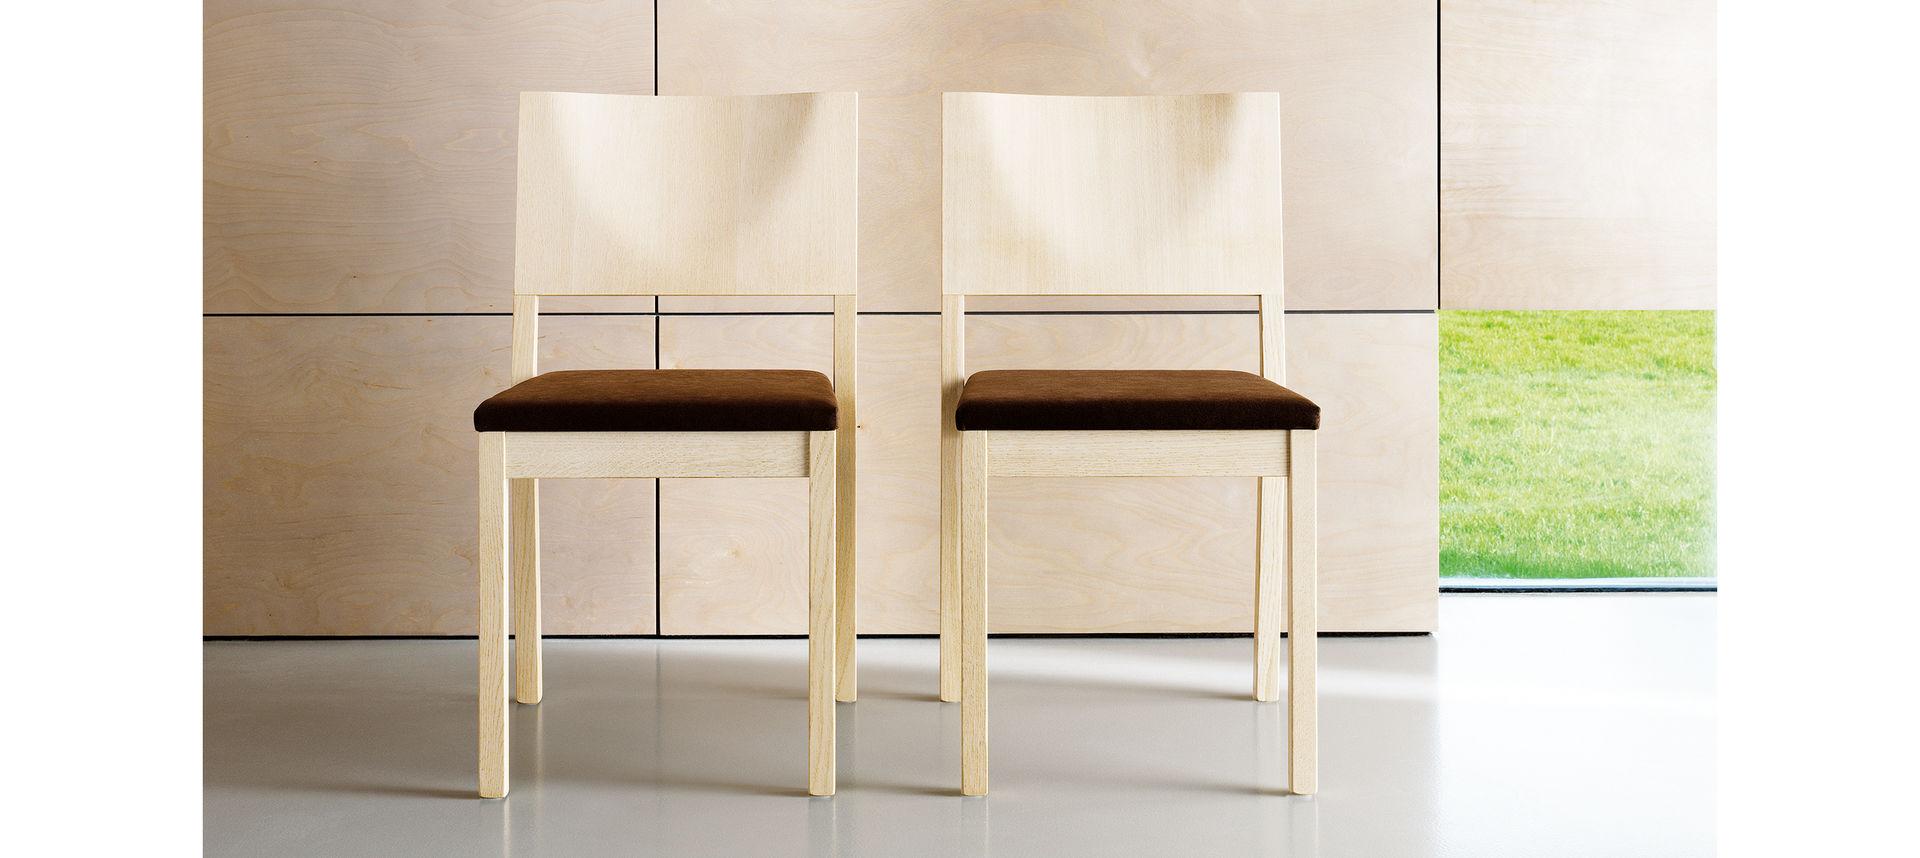 stoel-s13-wiesnerhager-ENNAIR